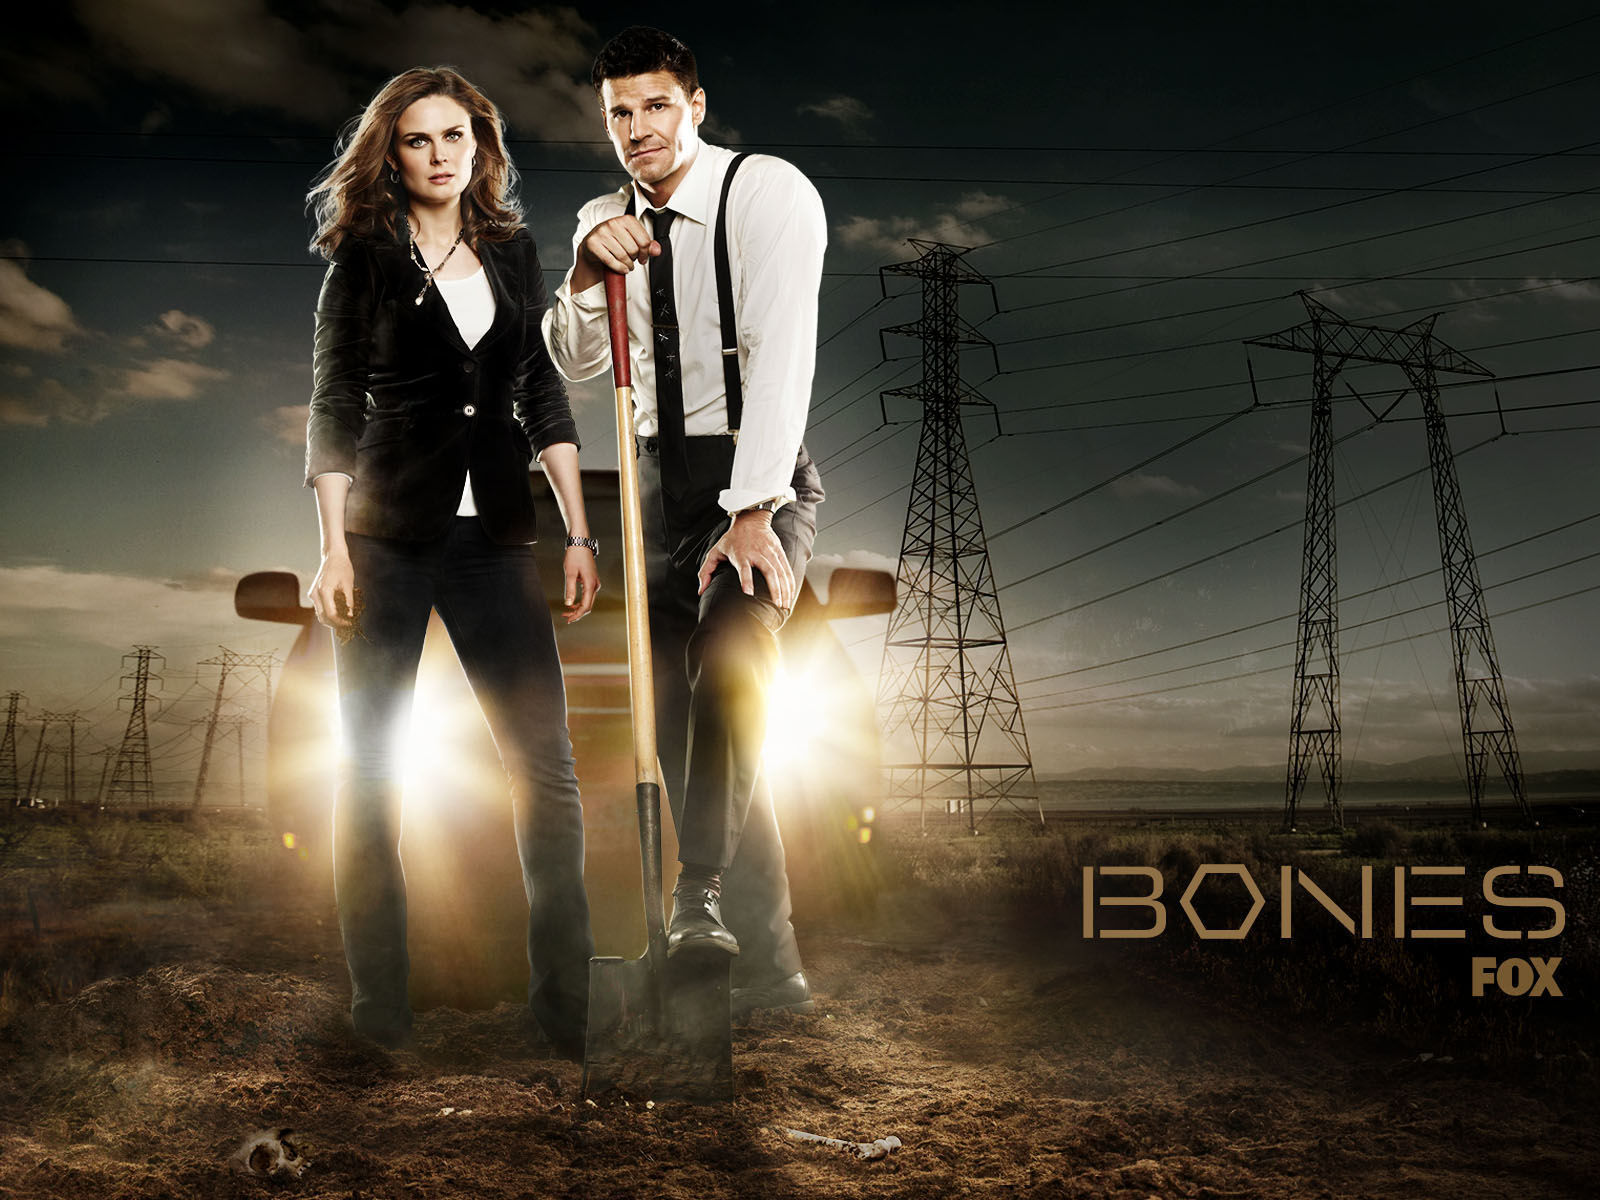 https://i1.wp.com/images2.fanpop.com/image/photos/8700000/Bones-television-8787012-1600-1200.jpg